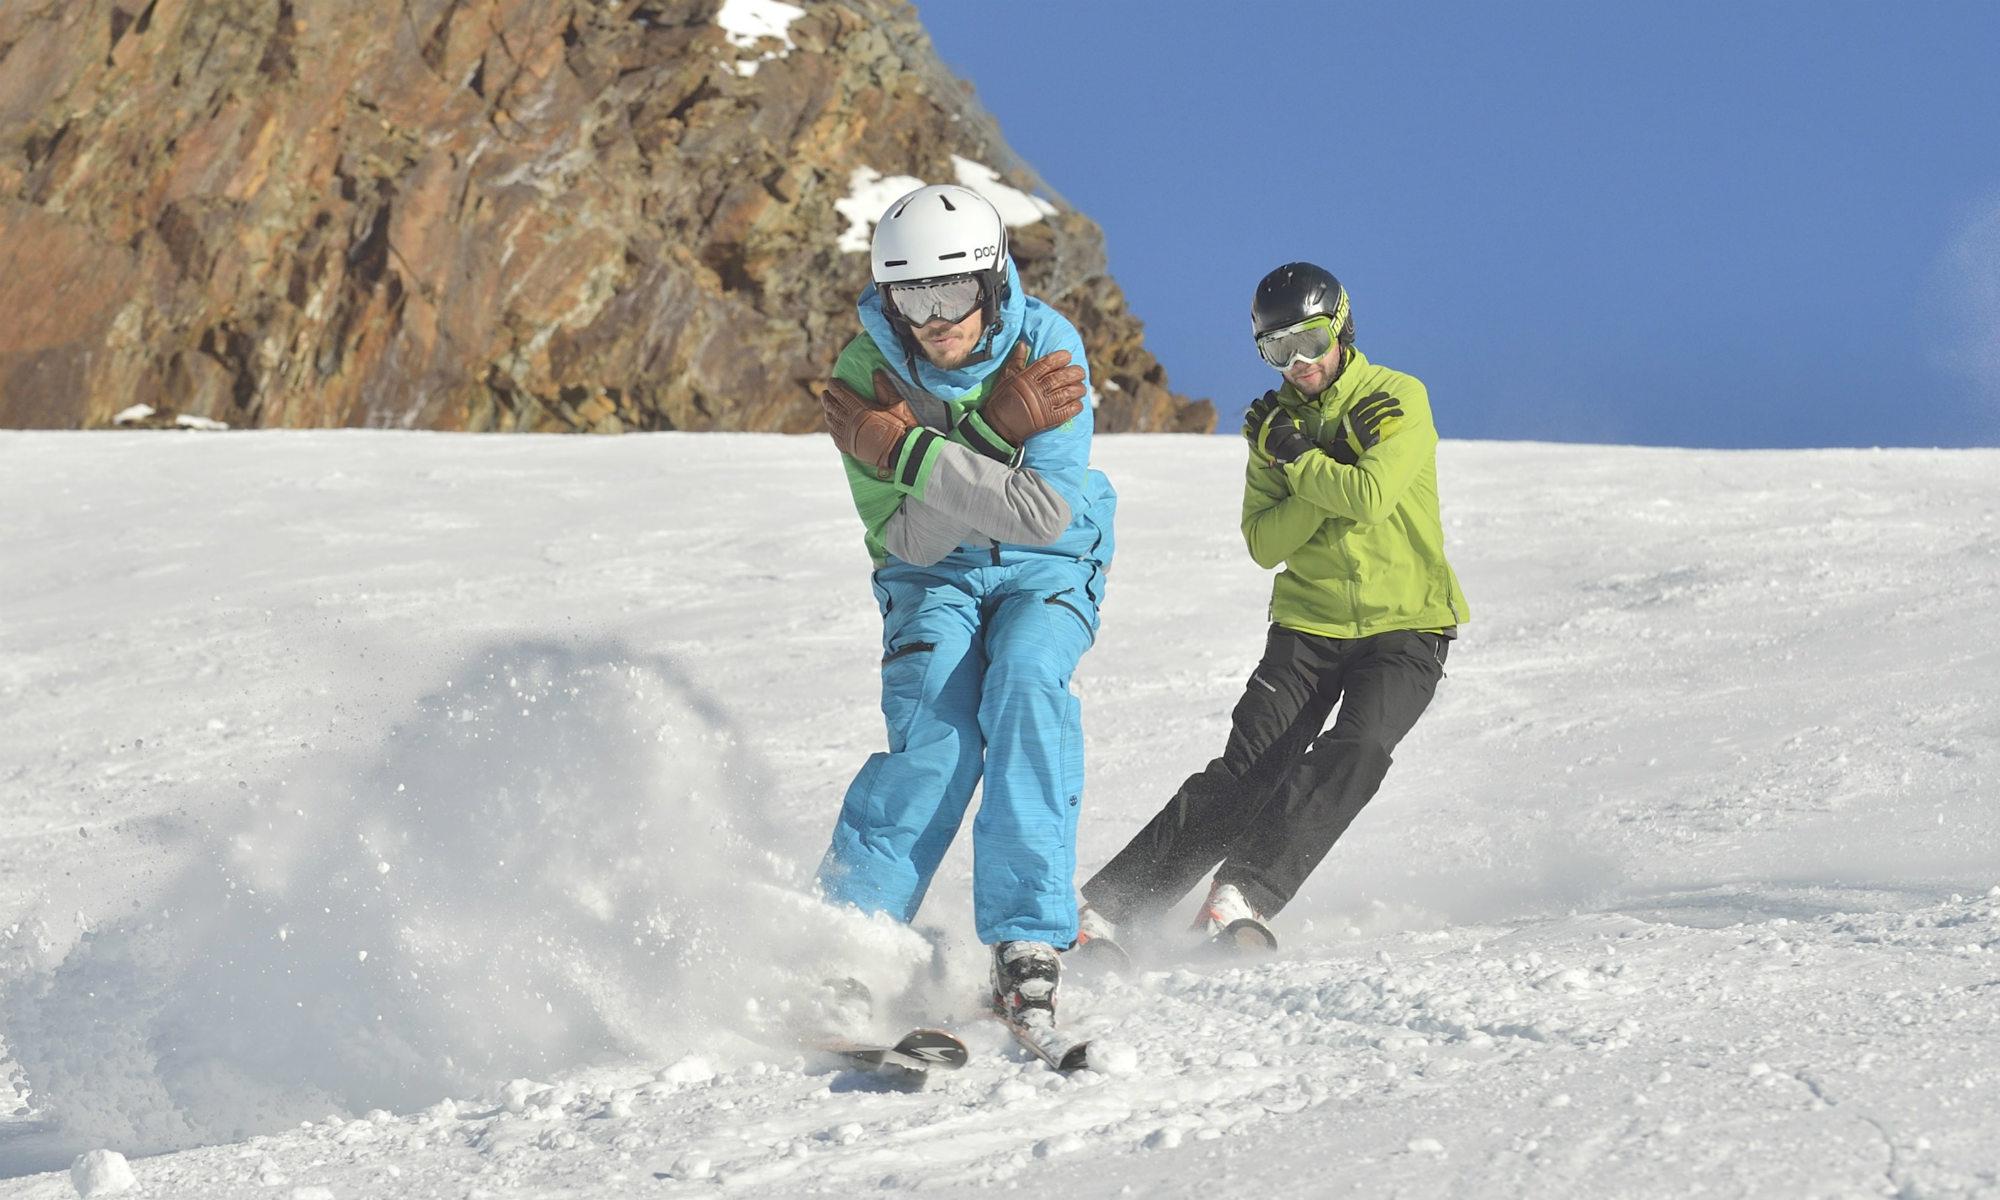 Un maestro di sci e il suo allievo si allenano sulle piste.